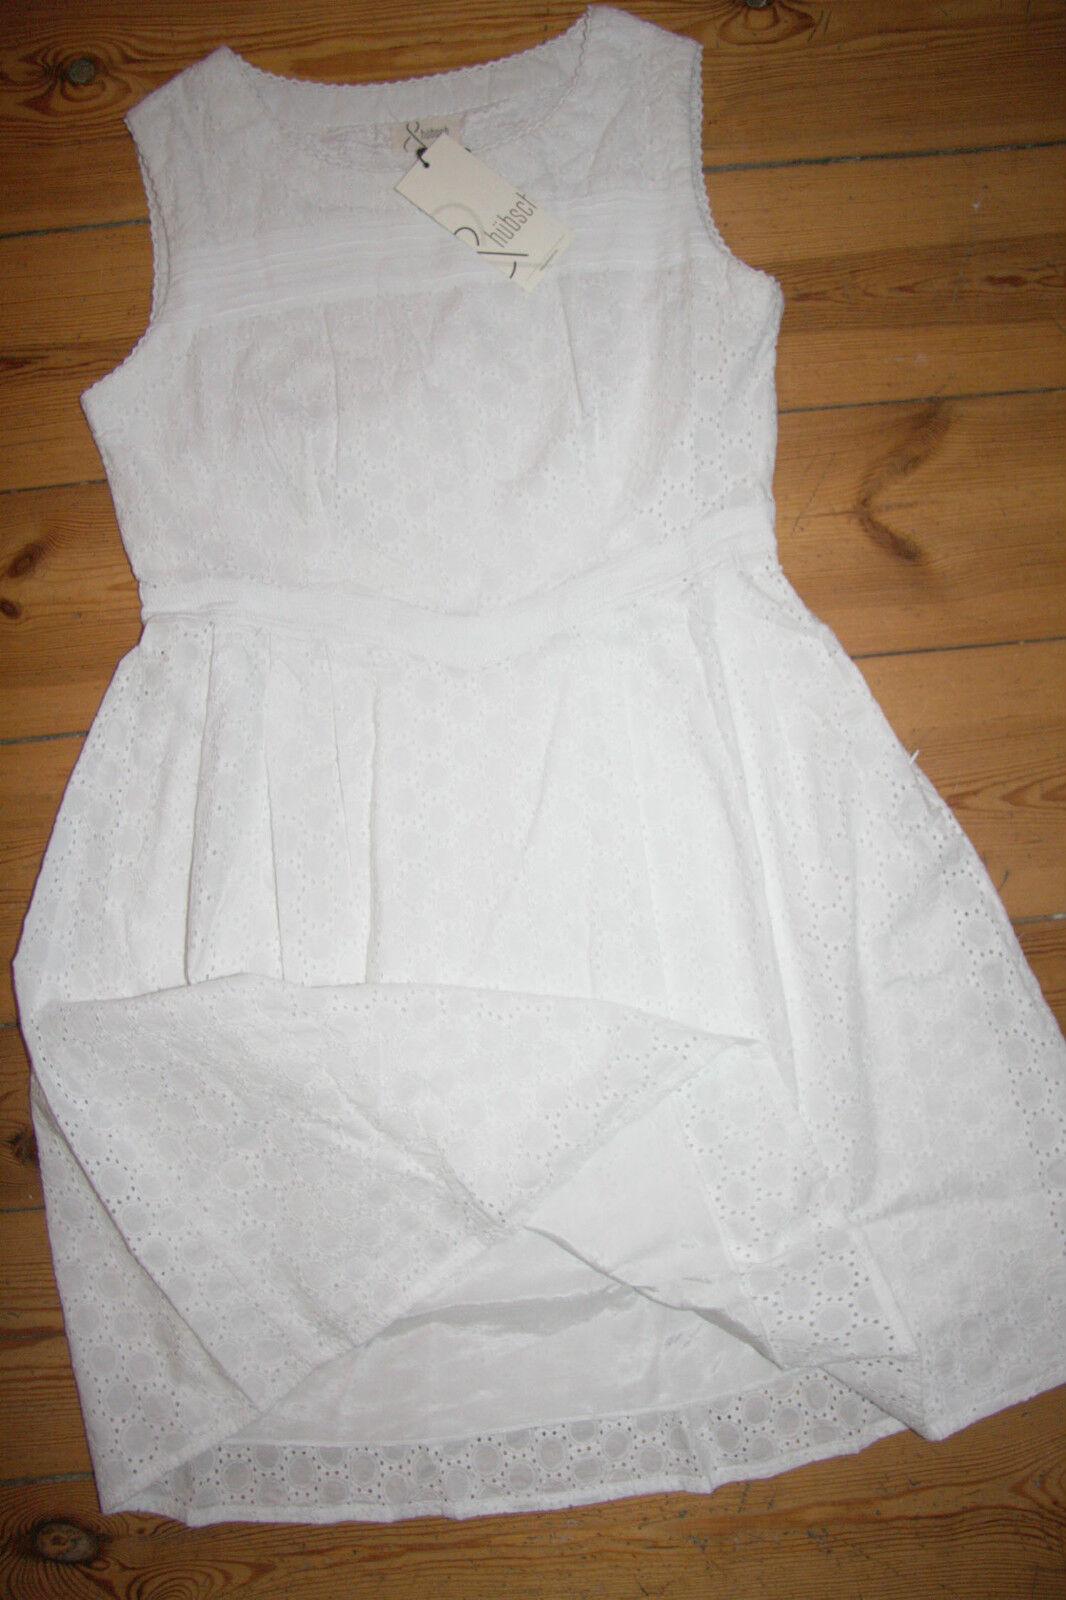 &hübsch  Dress Circle Anglaise Kleid  Dress Cotton Weiß Größe  L Neu